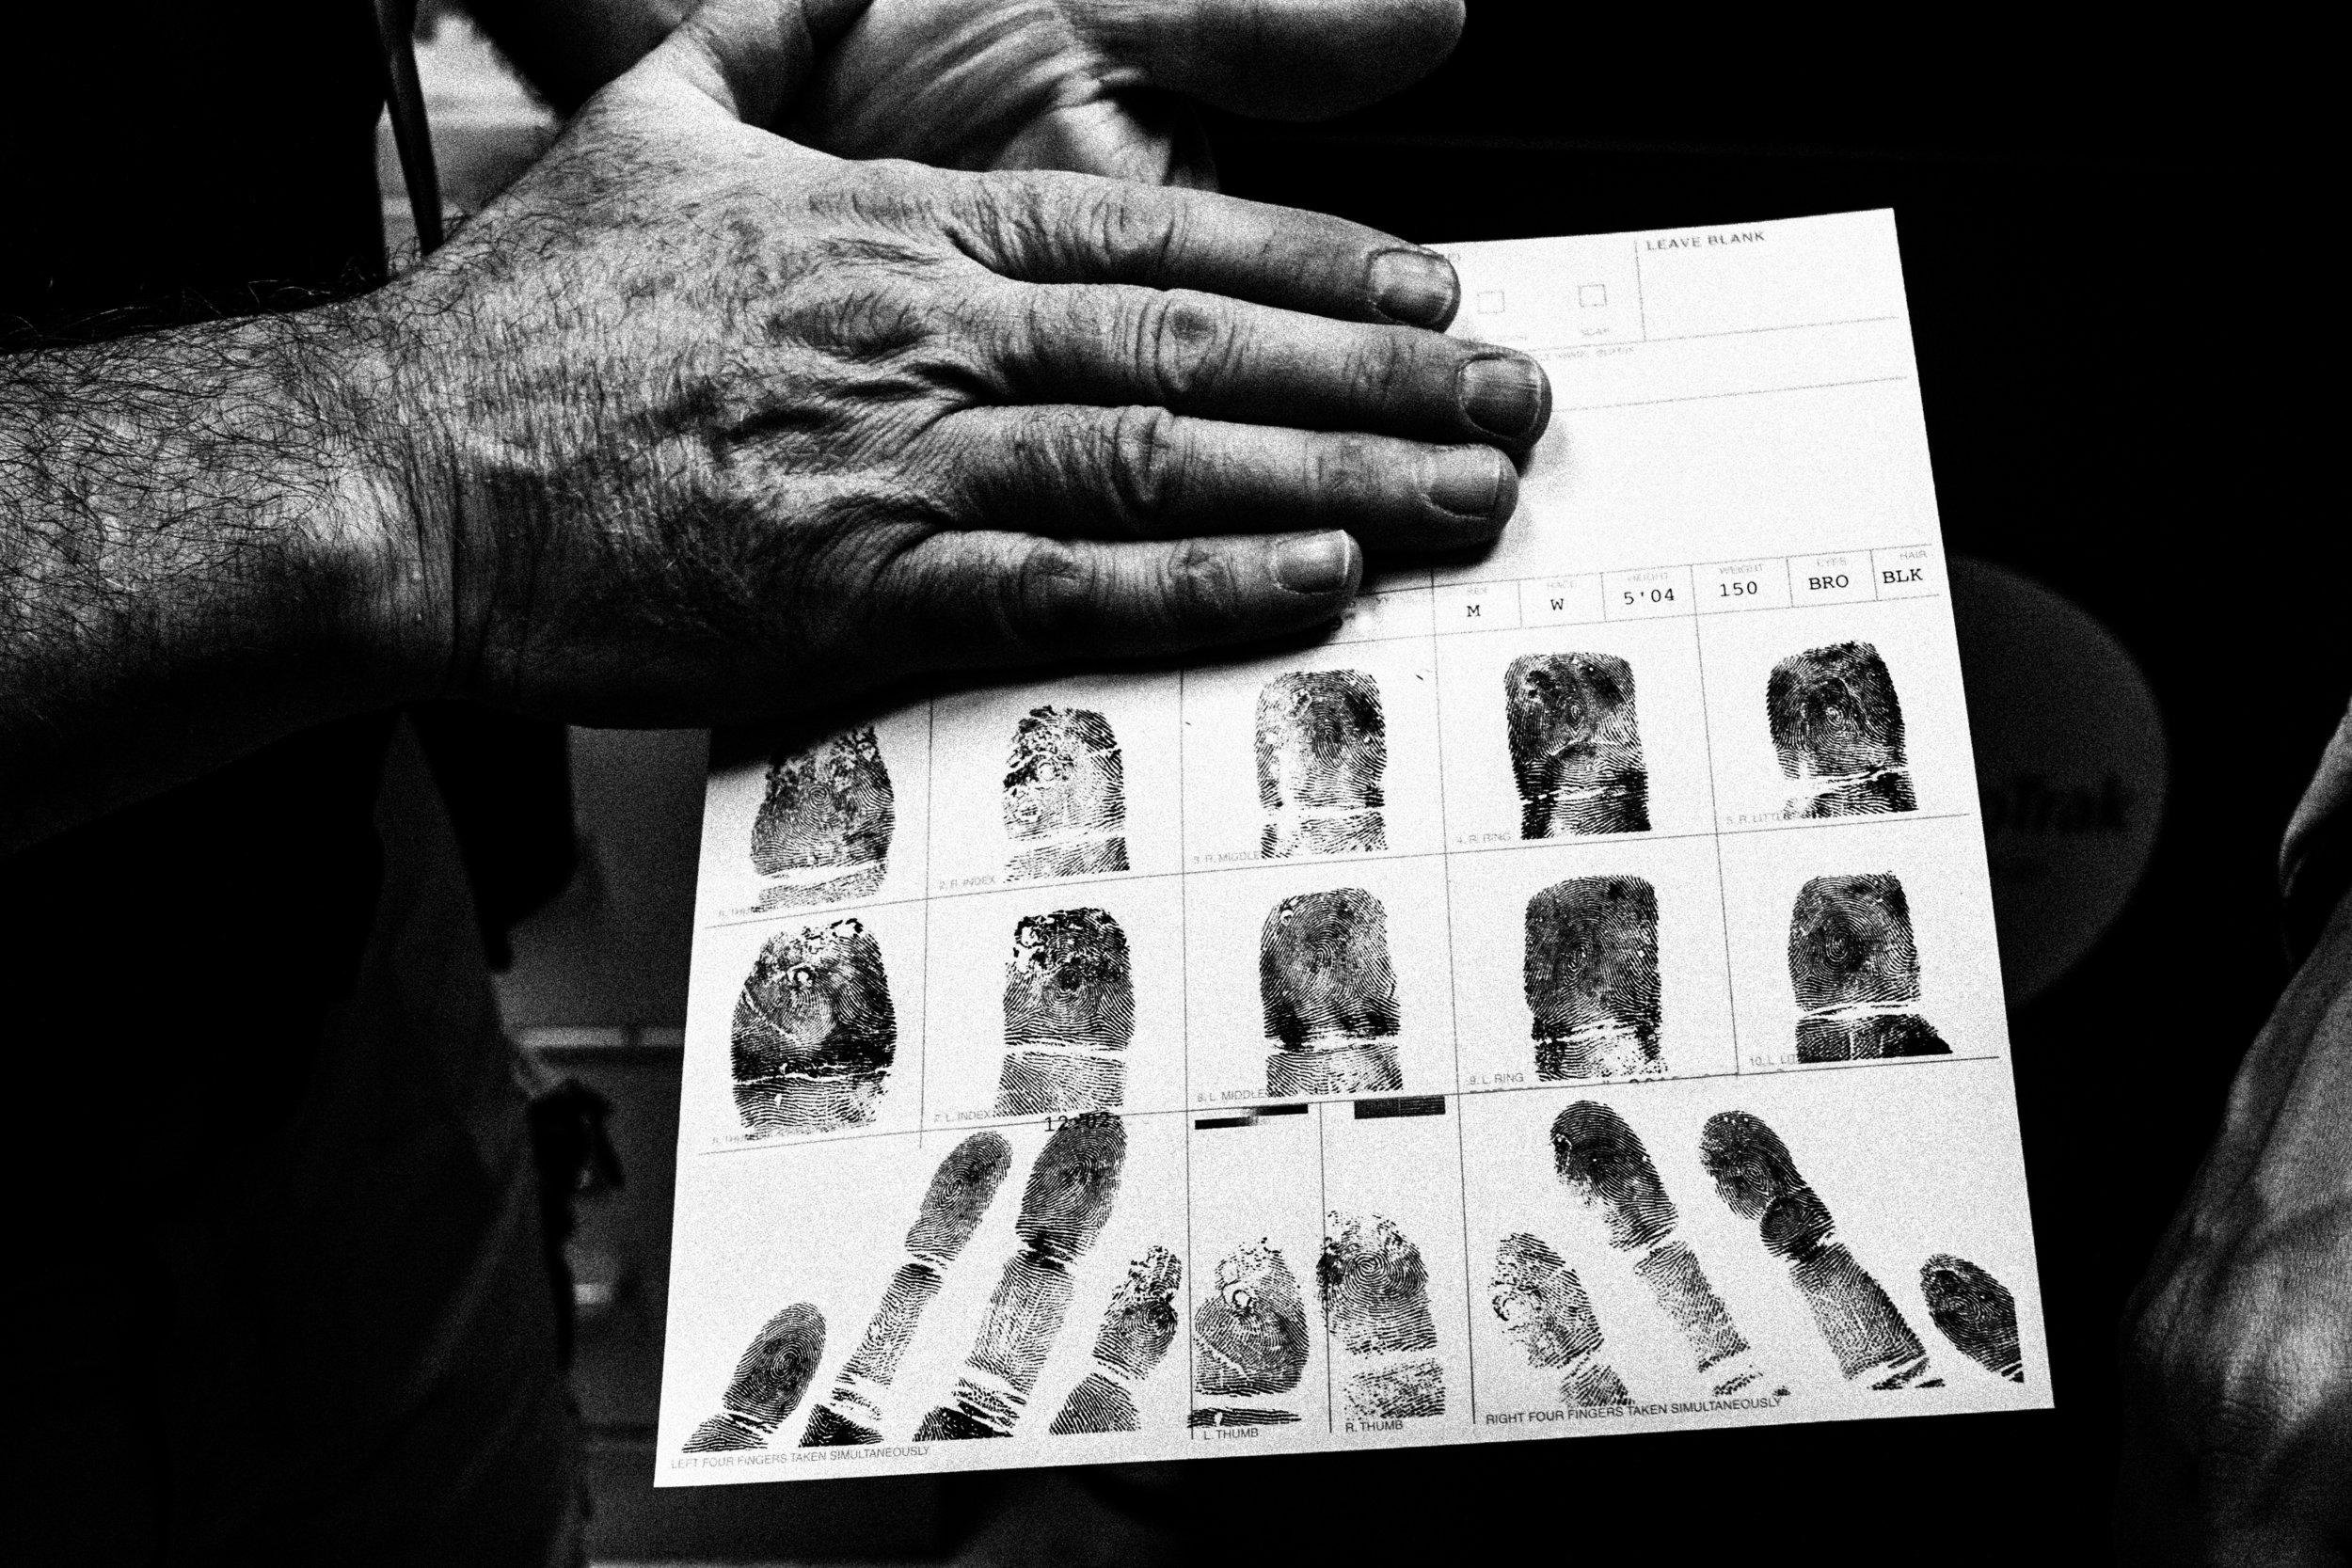 Evidence_Fingerprints.jpg